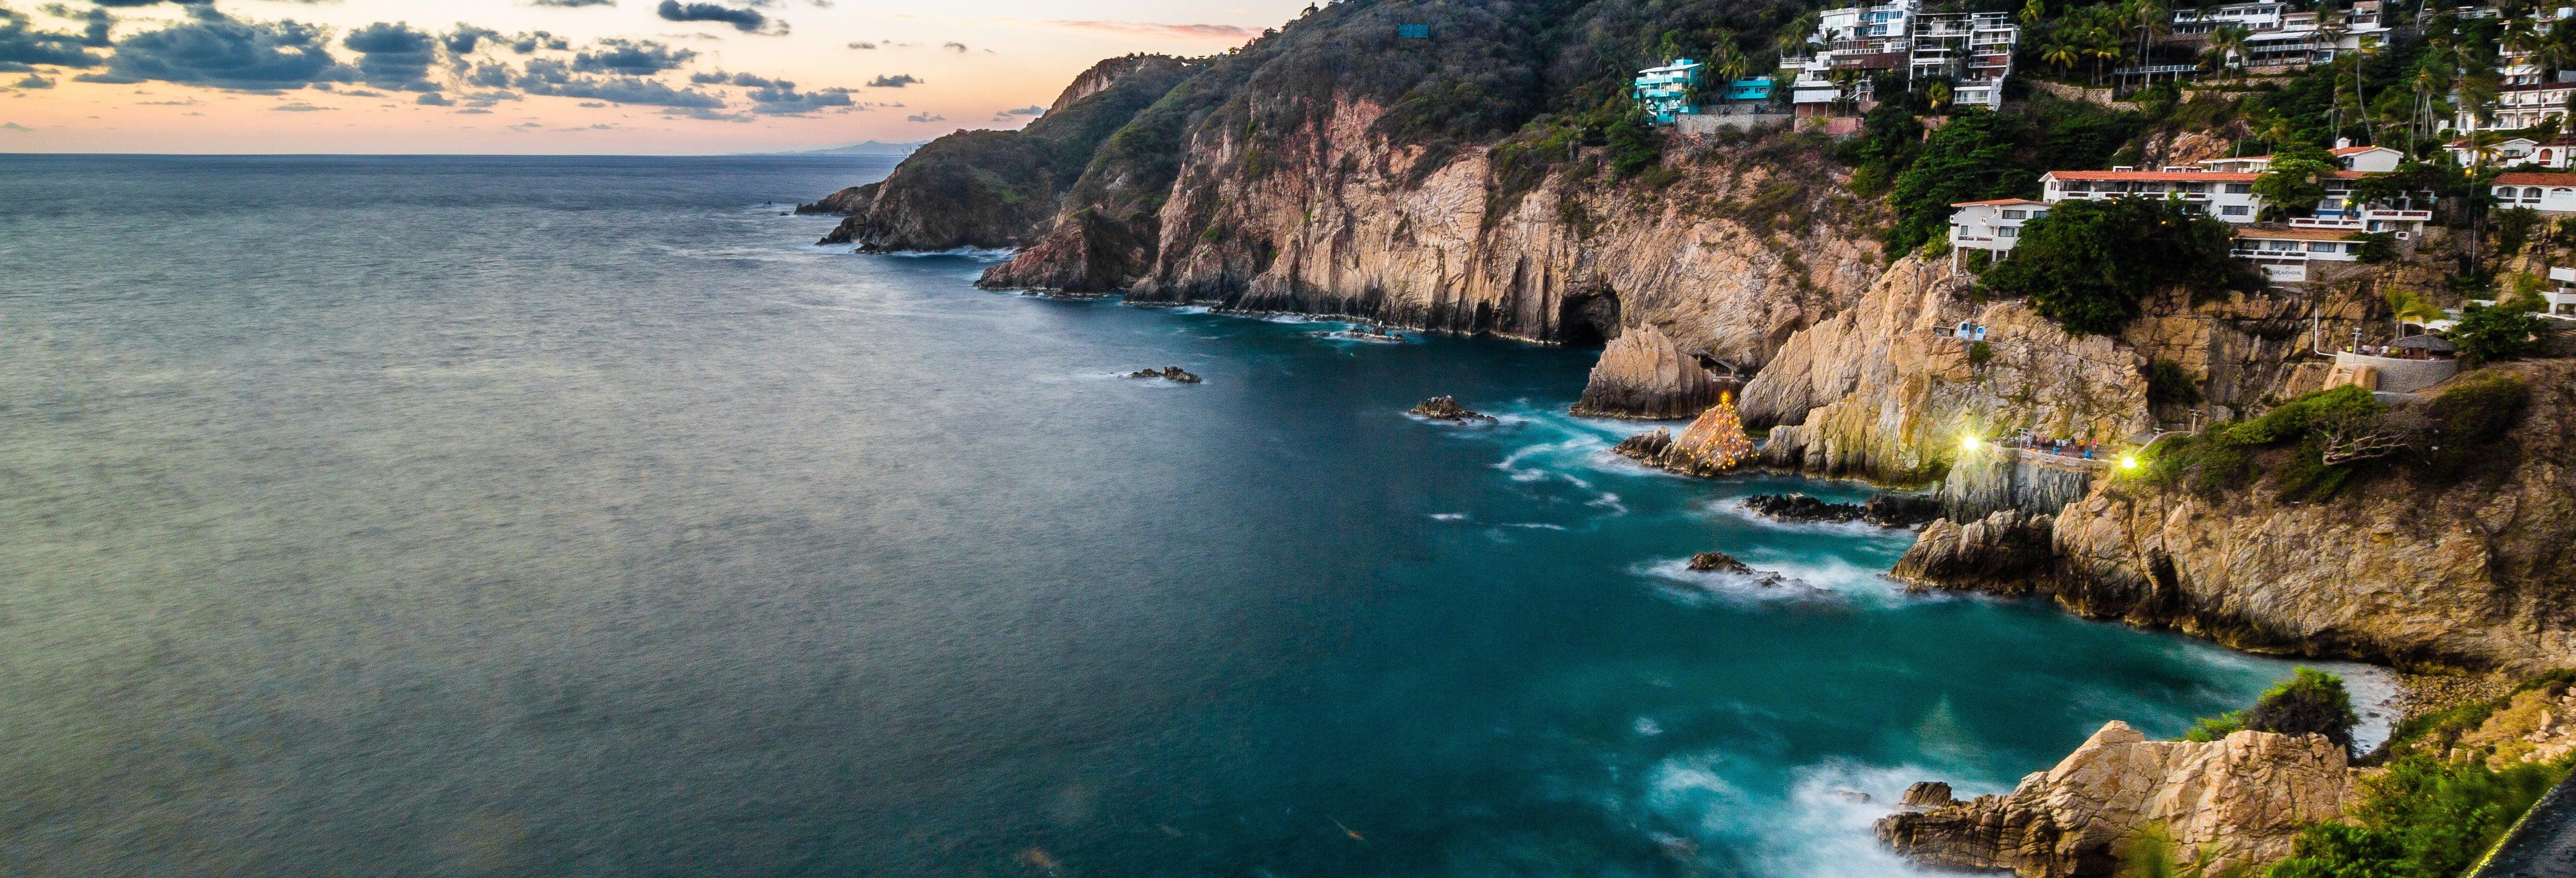 Passeio de barco por Acapulco